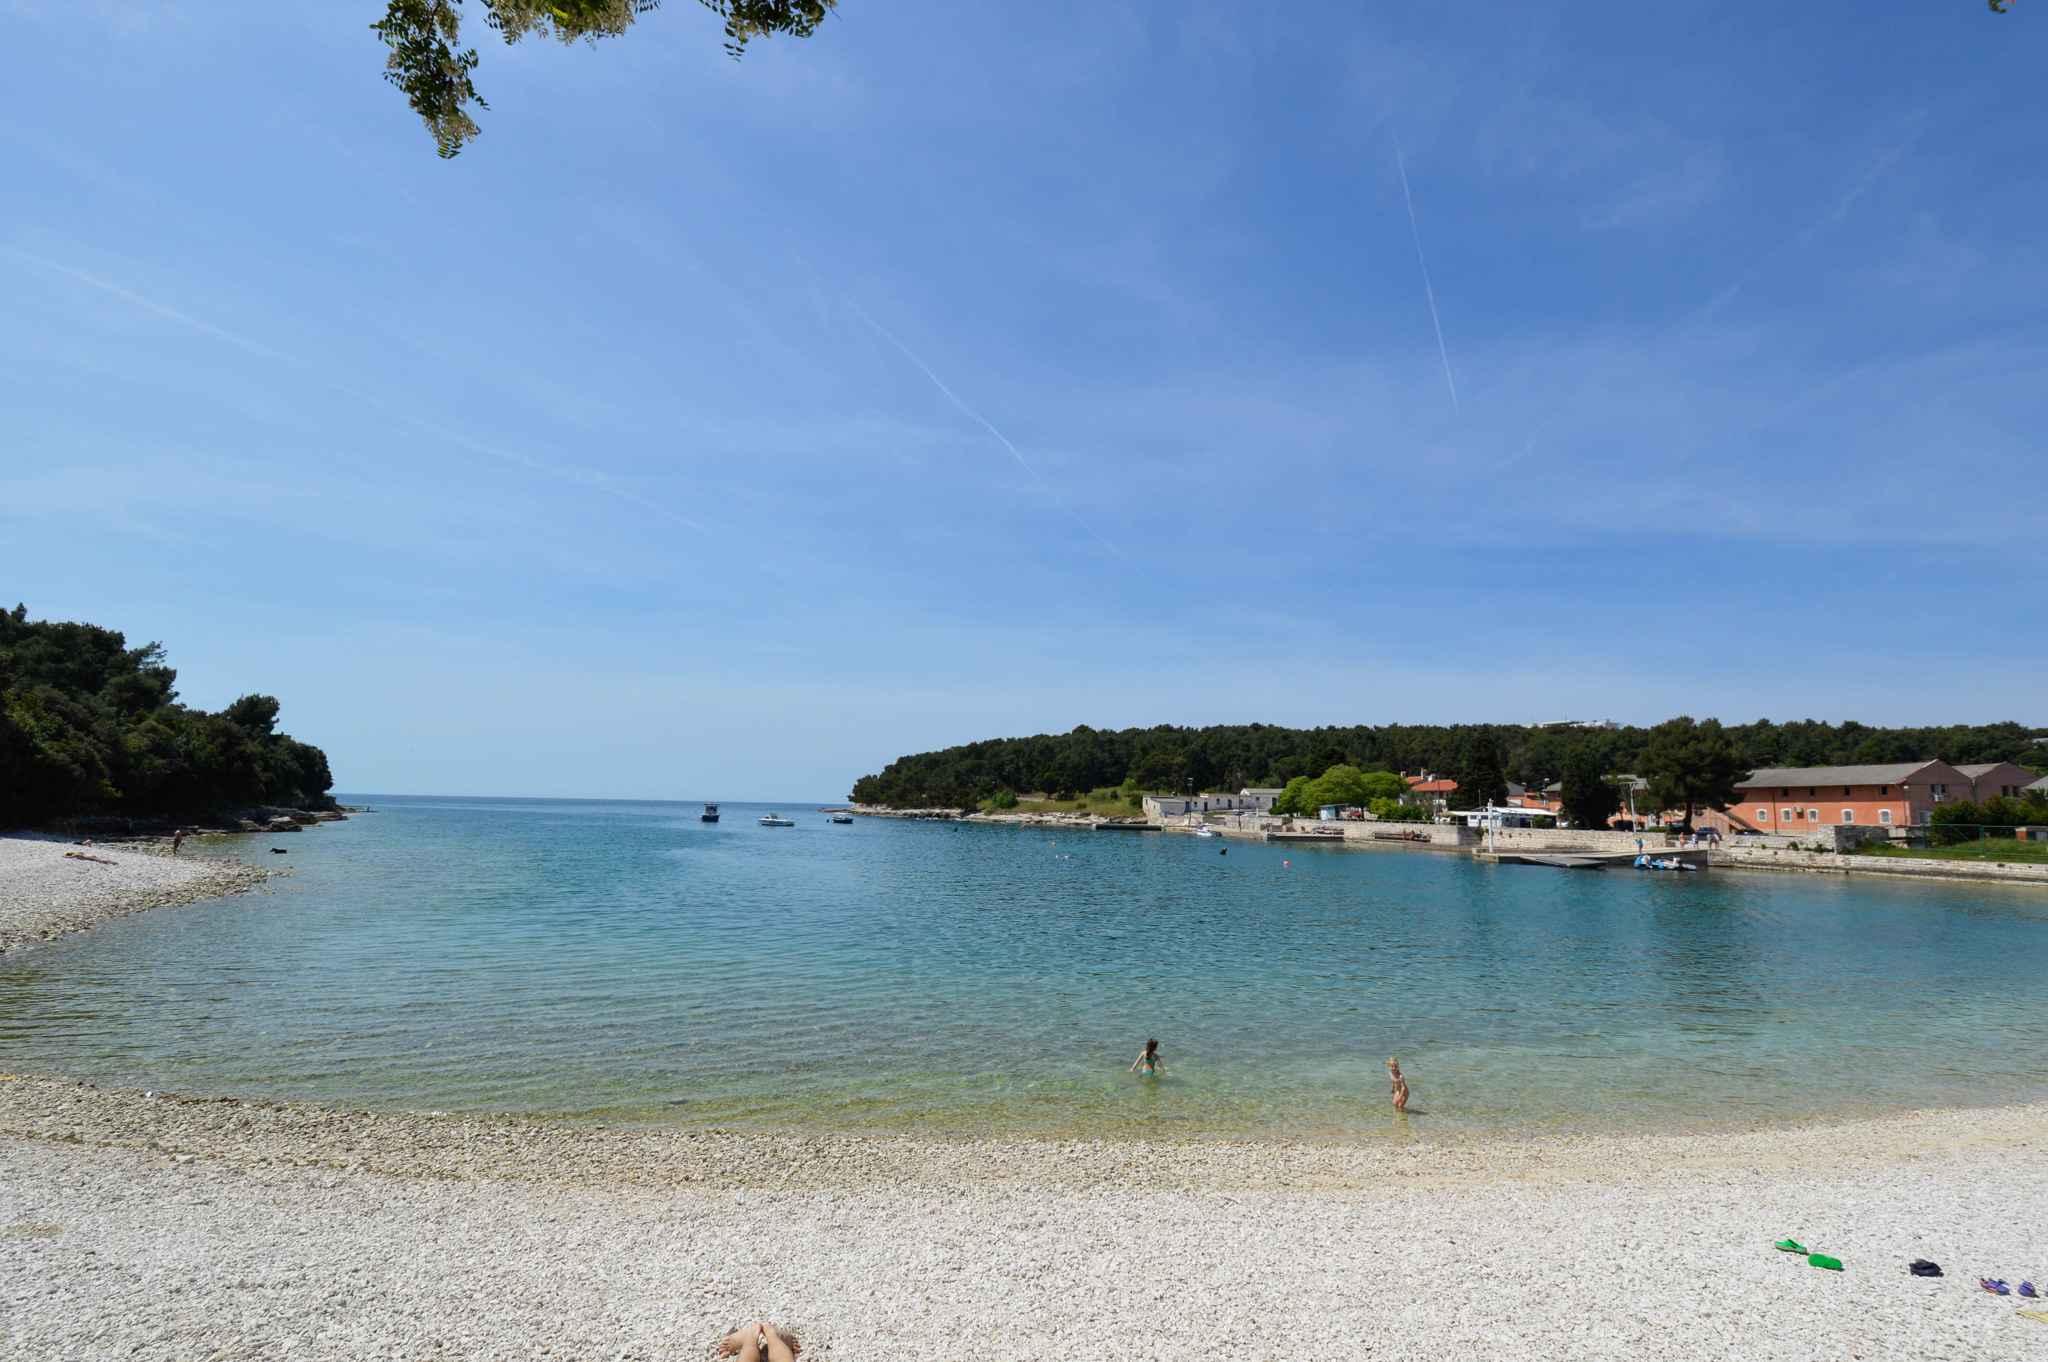 Ferienwohnung 150 m vom Strand (280758), Pula, , Istrien, Kroatien, Bild 17